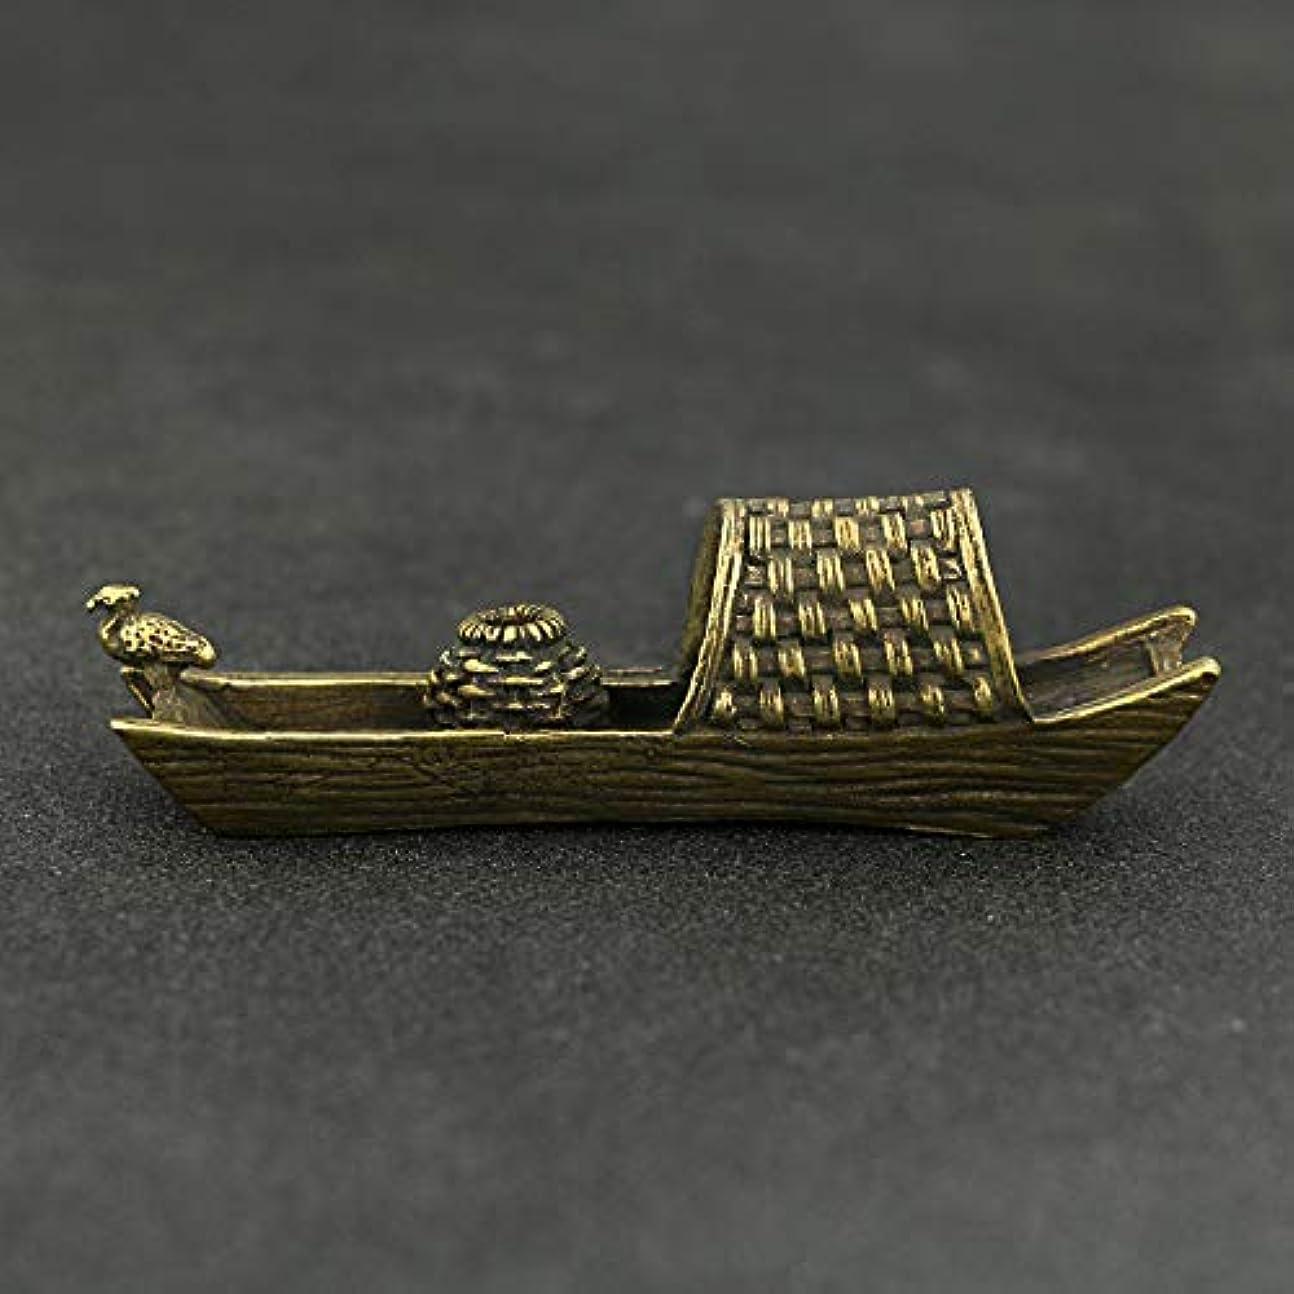 六月つぶやき不機嫌そうな釣り船ブラケット真鍮香炉ブラケットホームデコレーションクラフトギフトバーナー香スティックフレーム真鍮10 * 3 cm